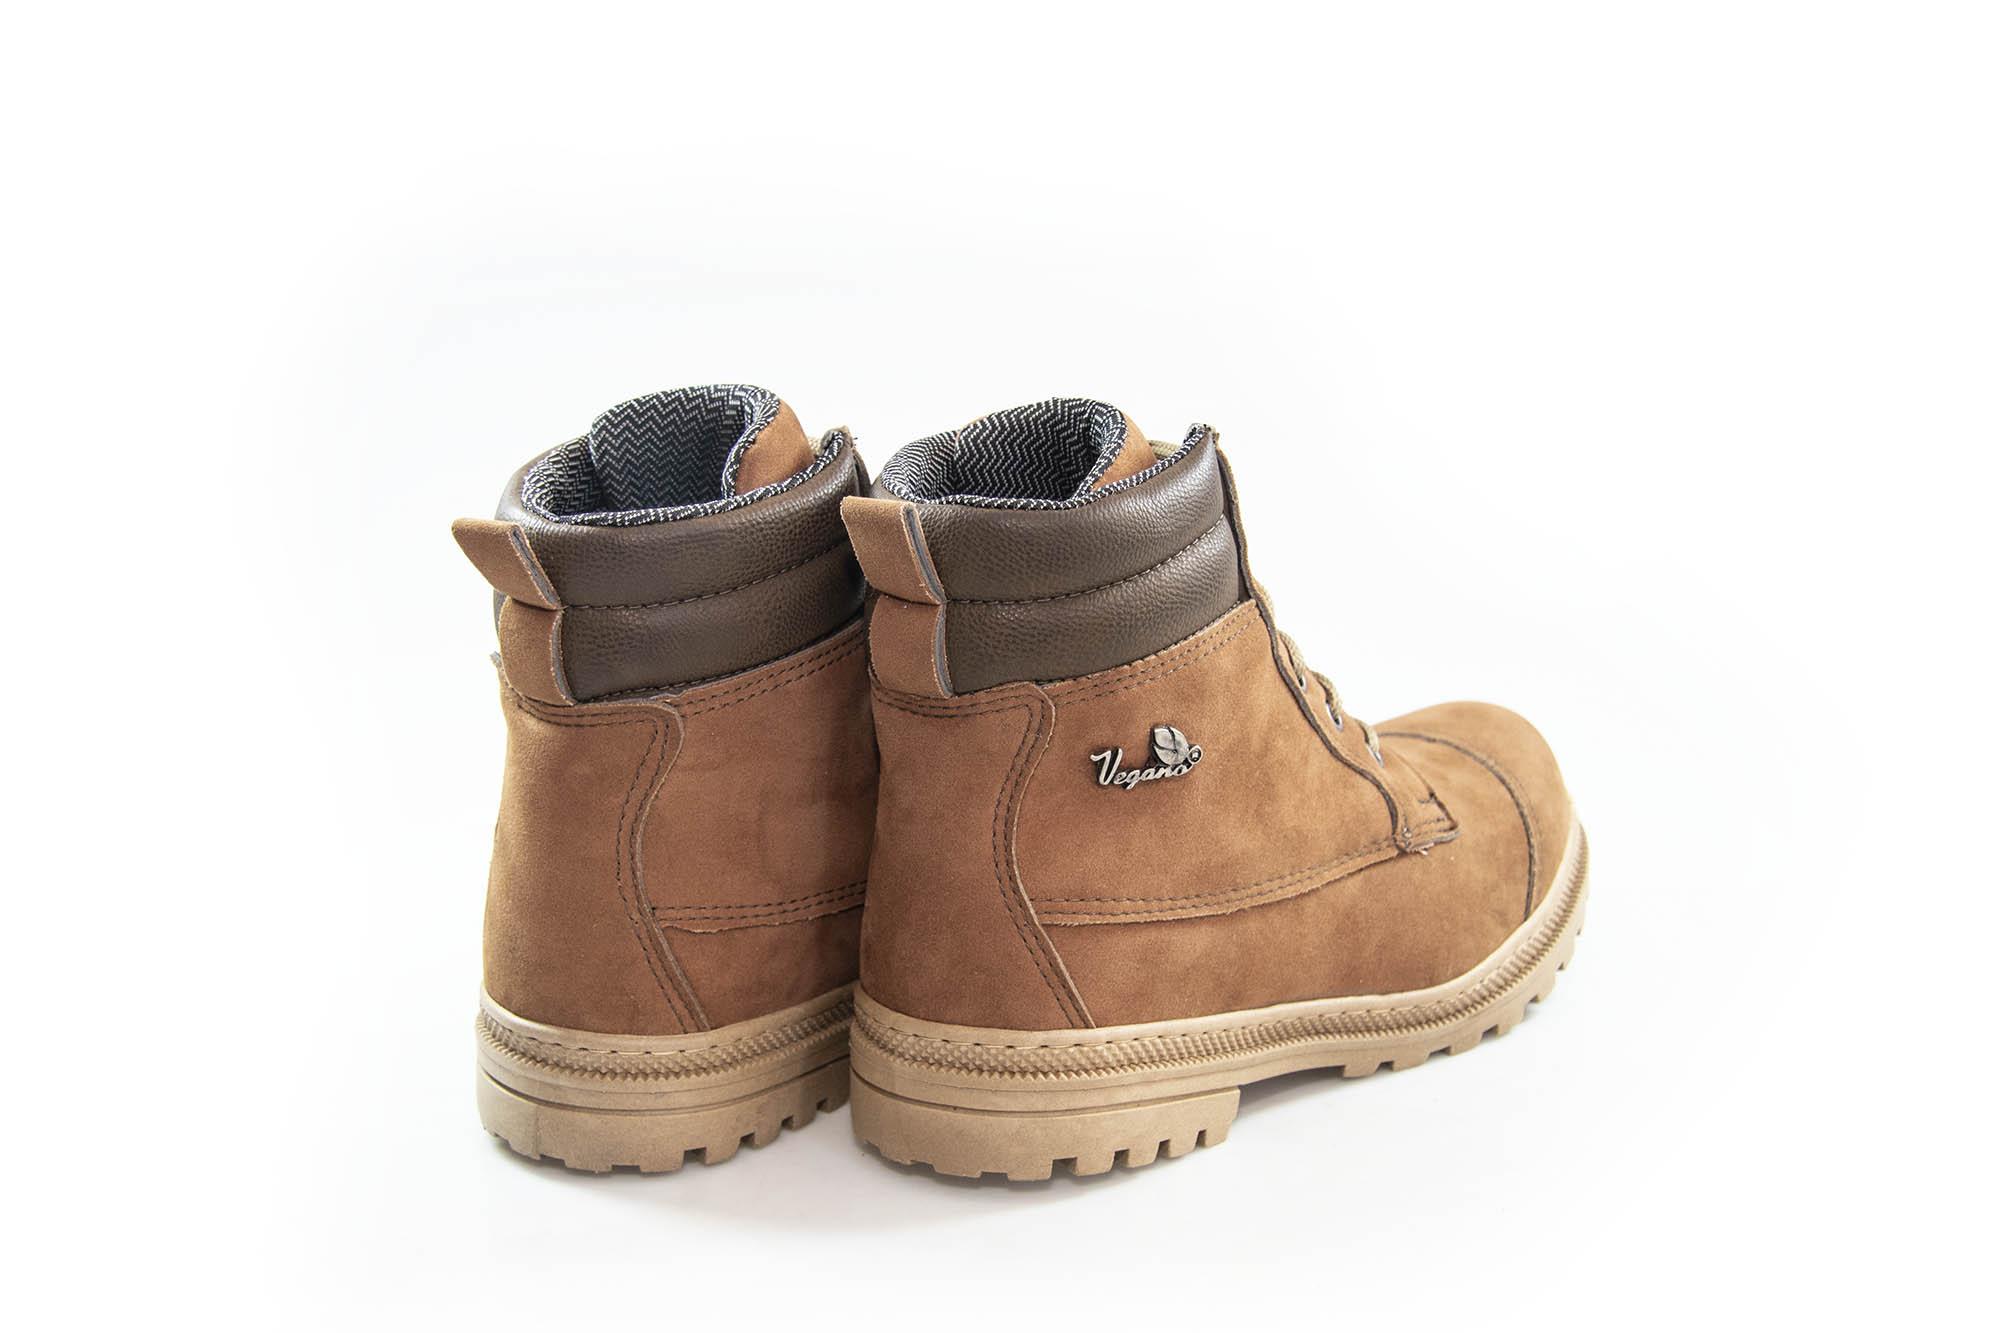 Bota Vegano Shoes Naturale Soft Bronze